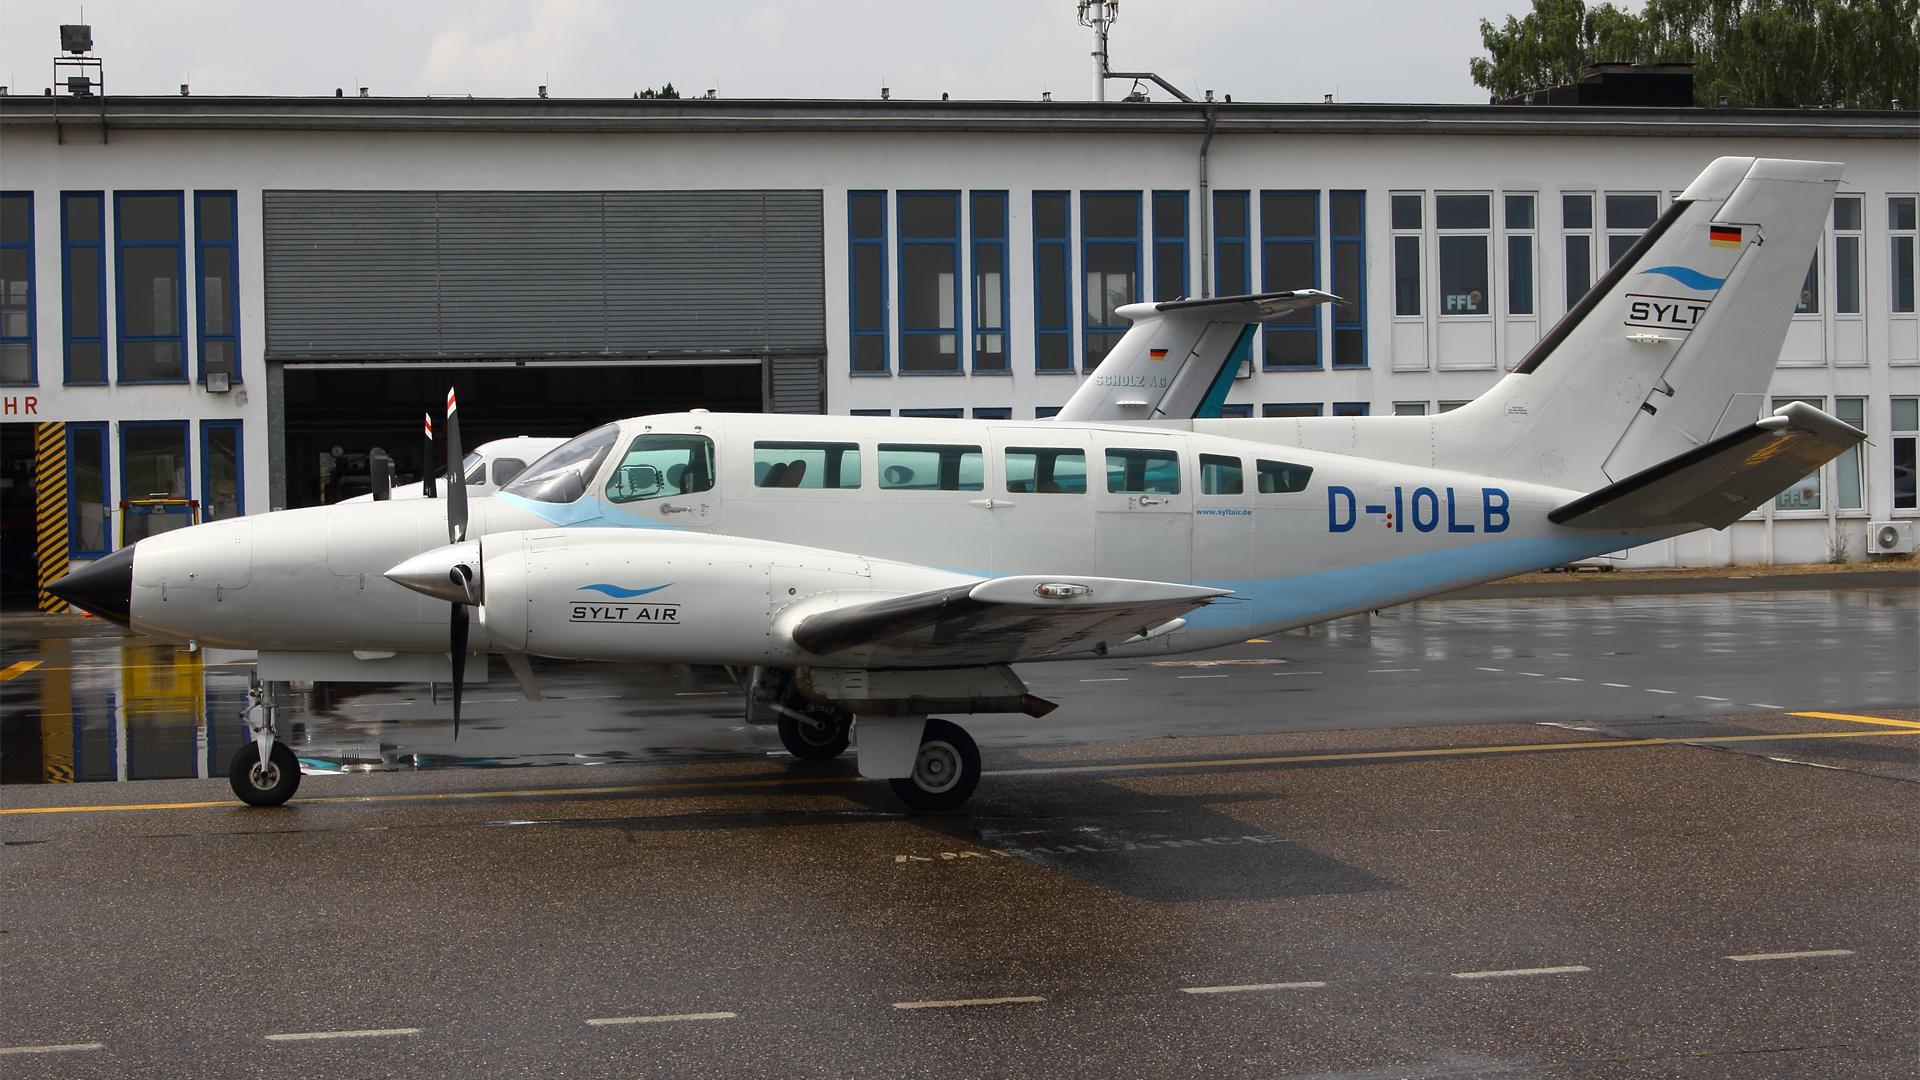 D-IOLB-1 C404 ESS 201406